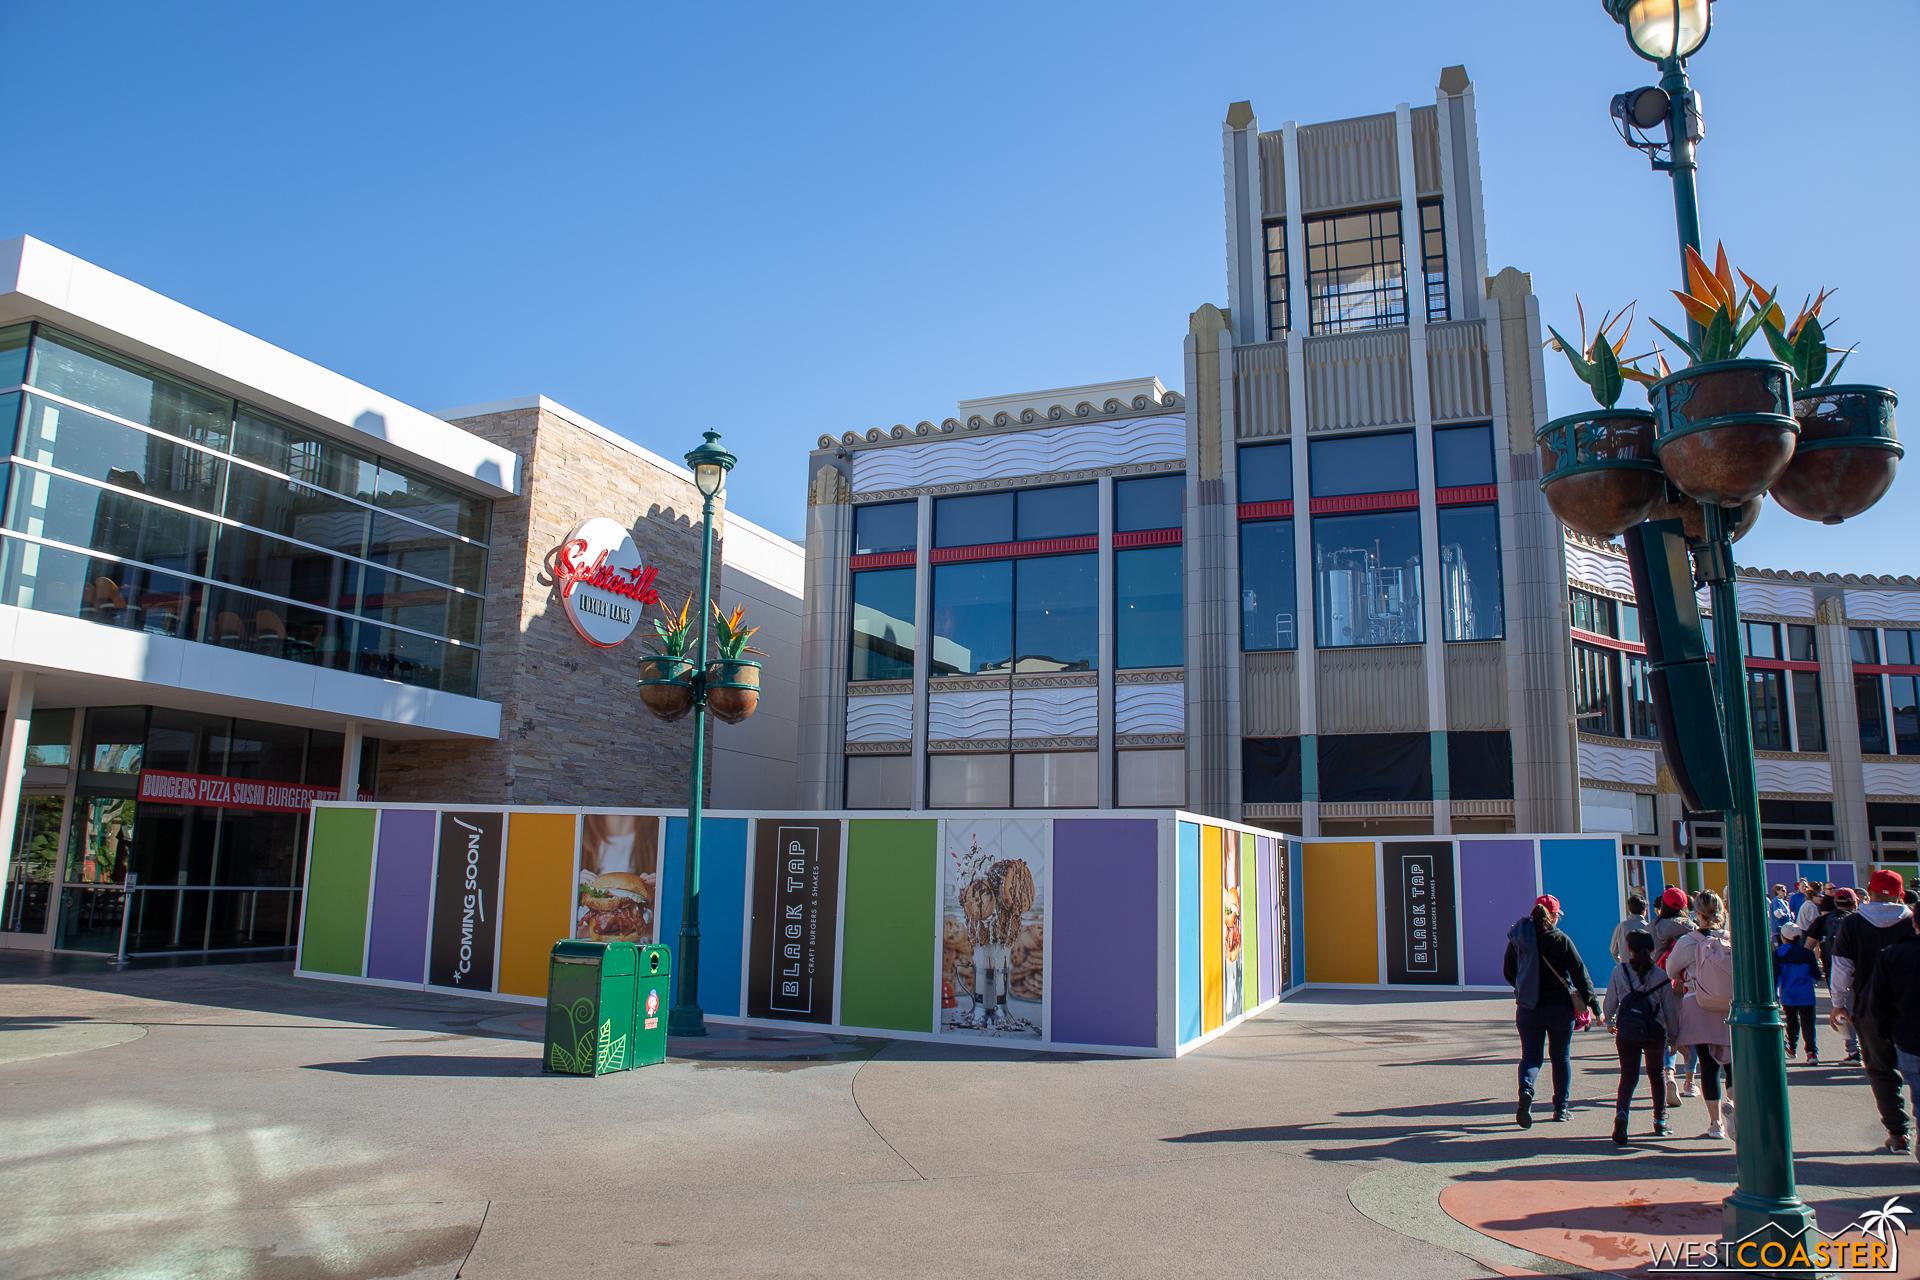 Westcoaster Disneyland Update 2-19-79.jpg